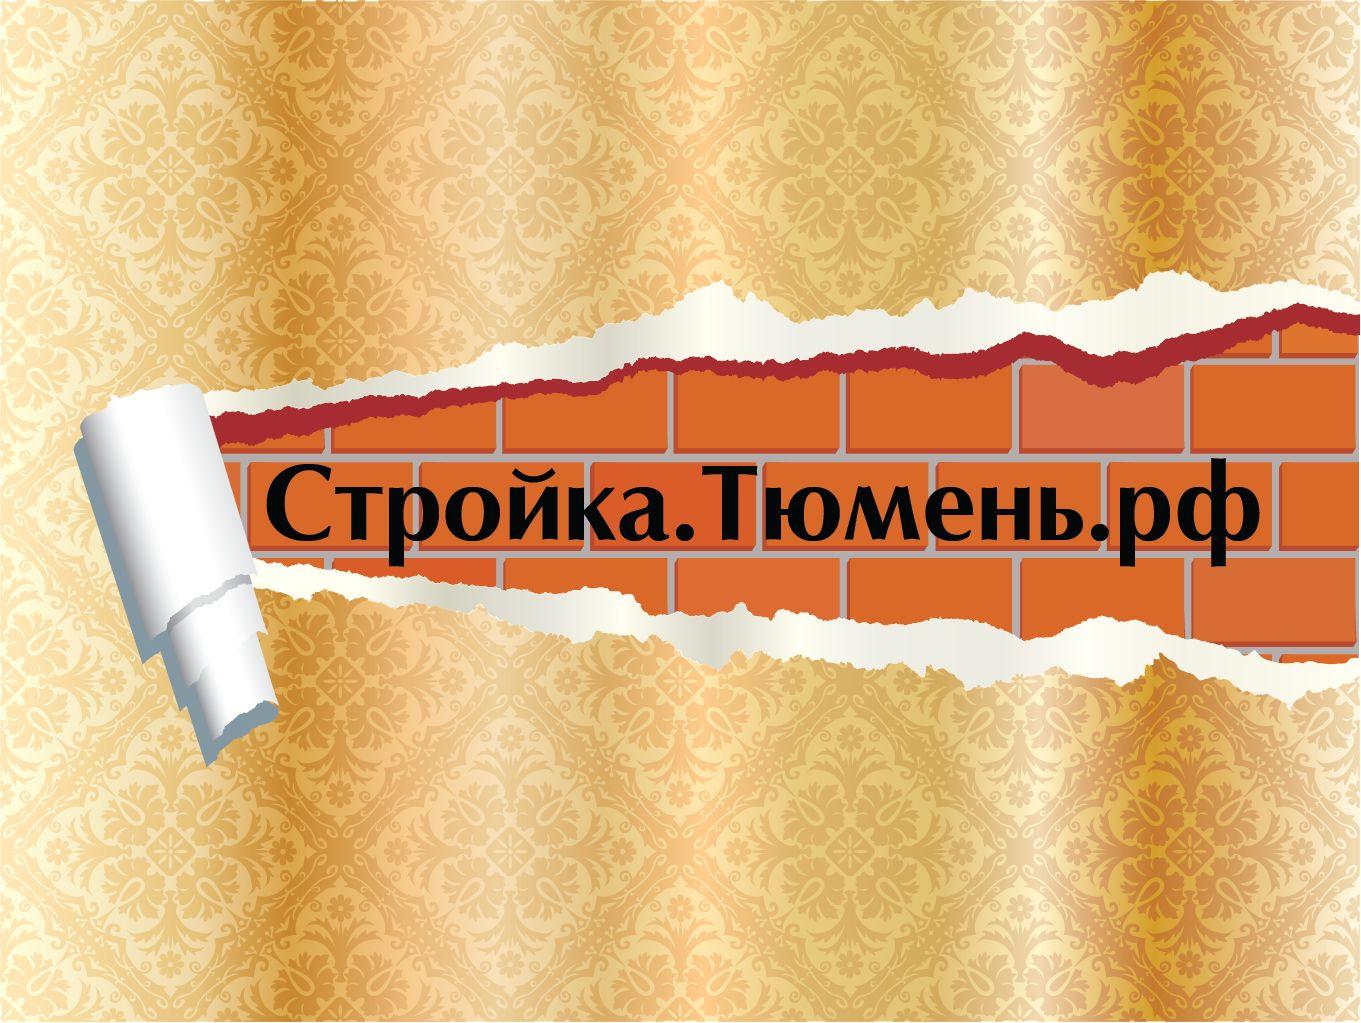 Логотип для строительного портала - дизайнер dantimishanin